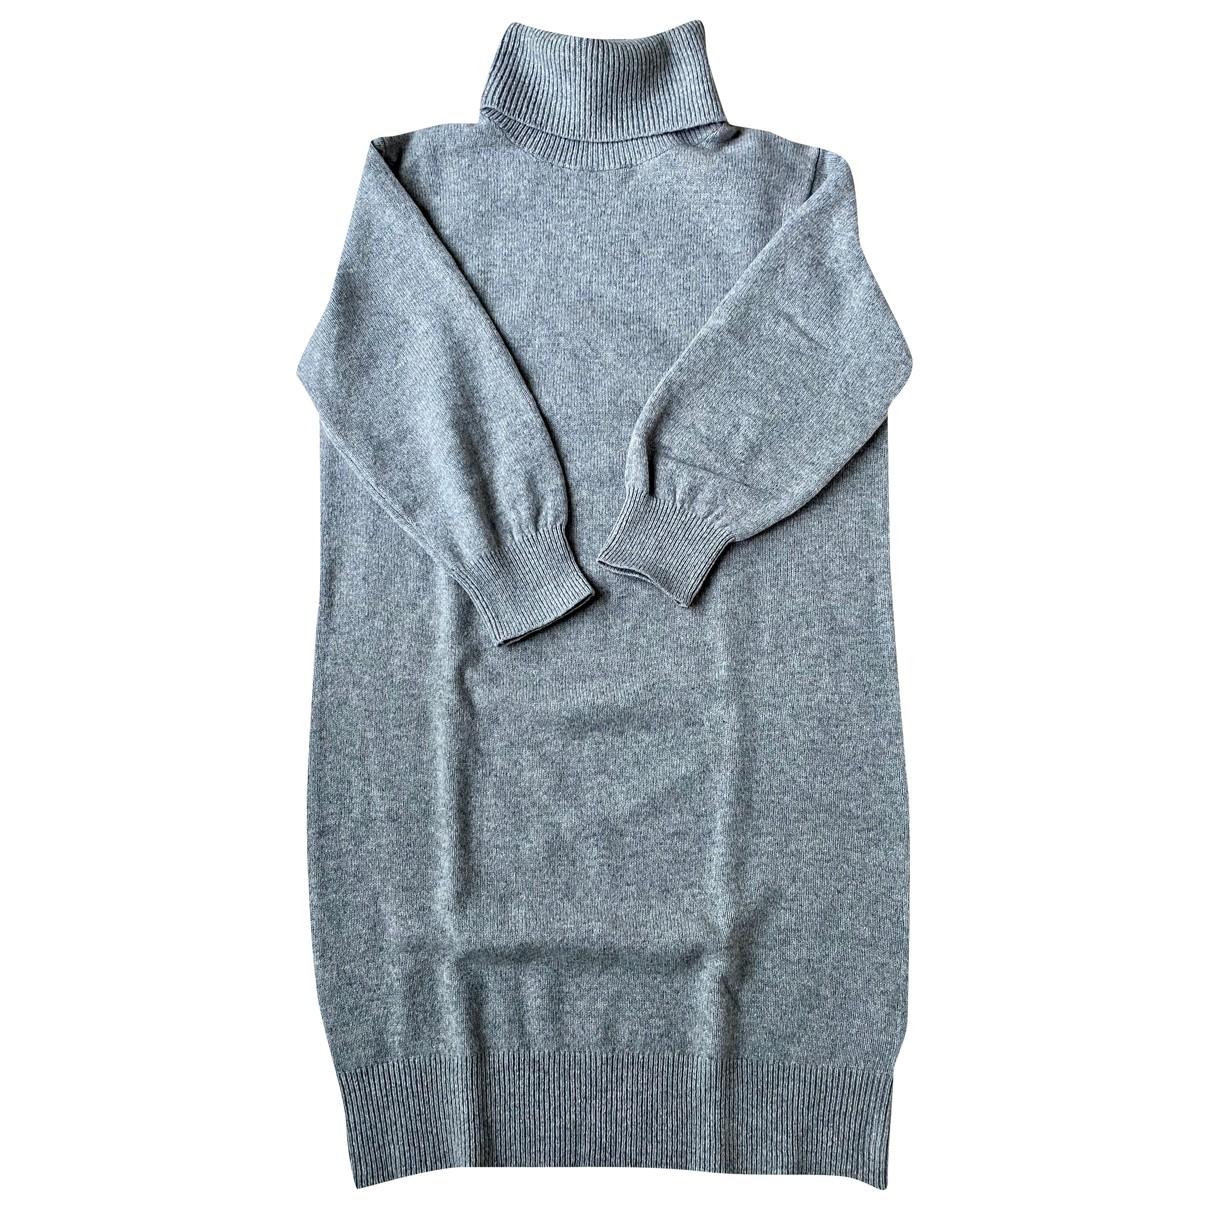 Uniqlo - Pull   pour femme en laine - ecru